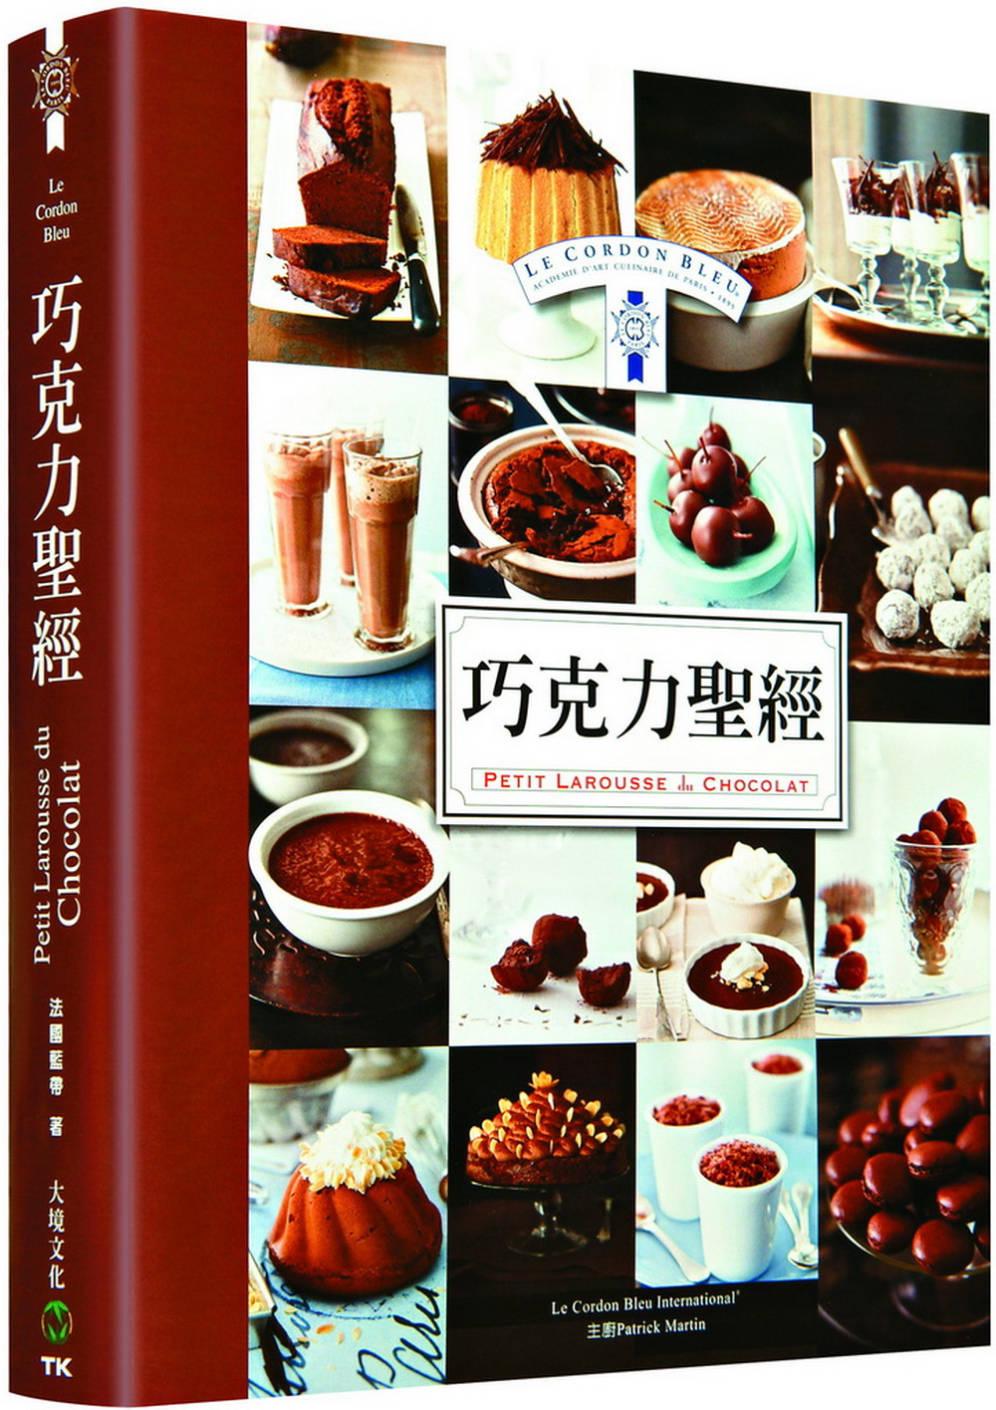 法國藍帶巧克力聖經:傳授170道詳細食譜.基本技巧完整圖例解說.成功製作巧克力烘焙的絕佳保證